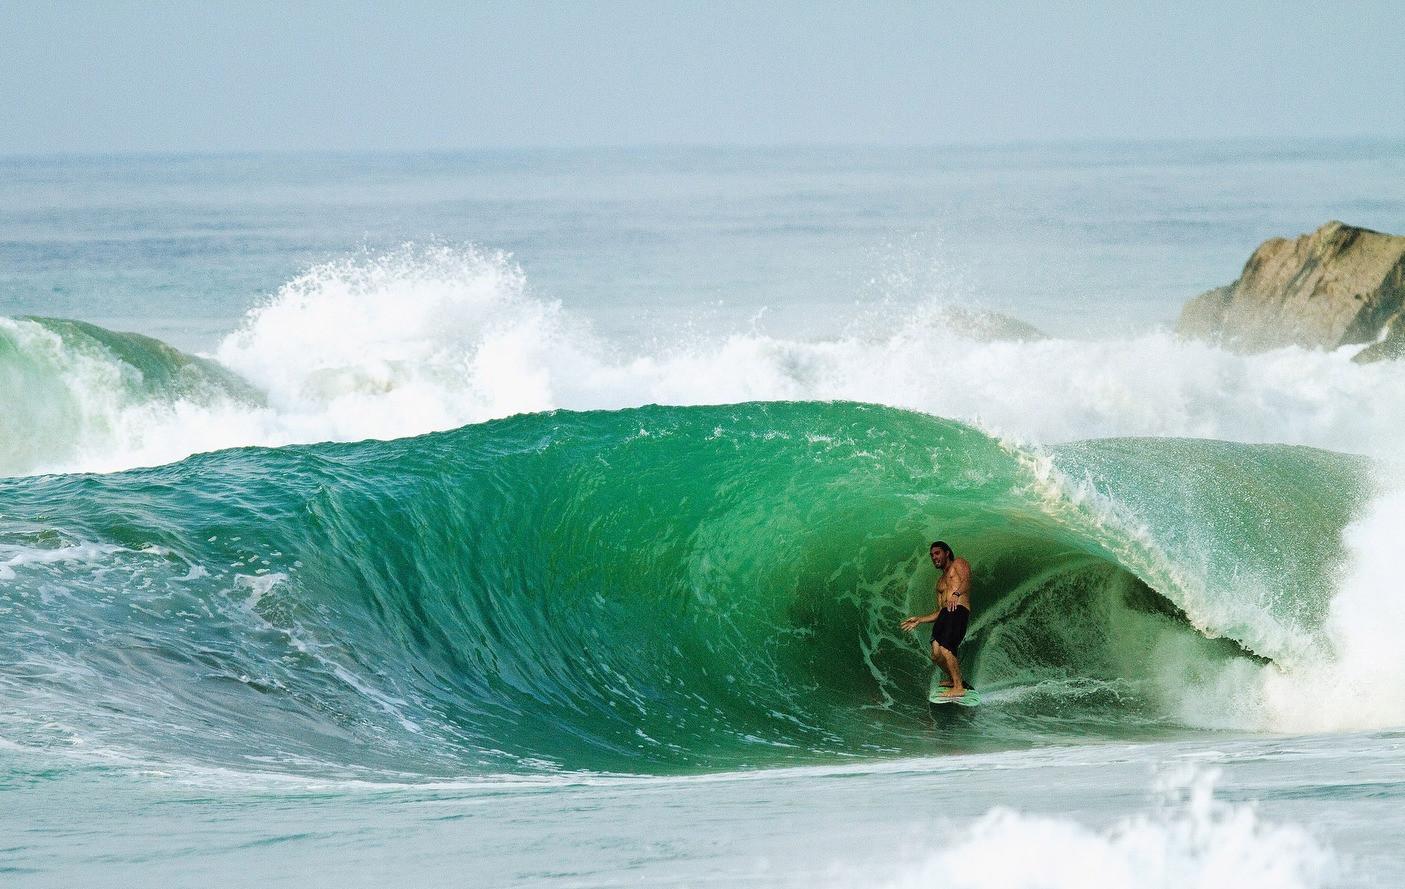 Salina Cruz Surf Camp perfect right point breaks Mexico Barra de la Cruz perfect barrel